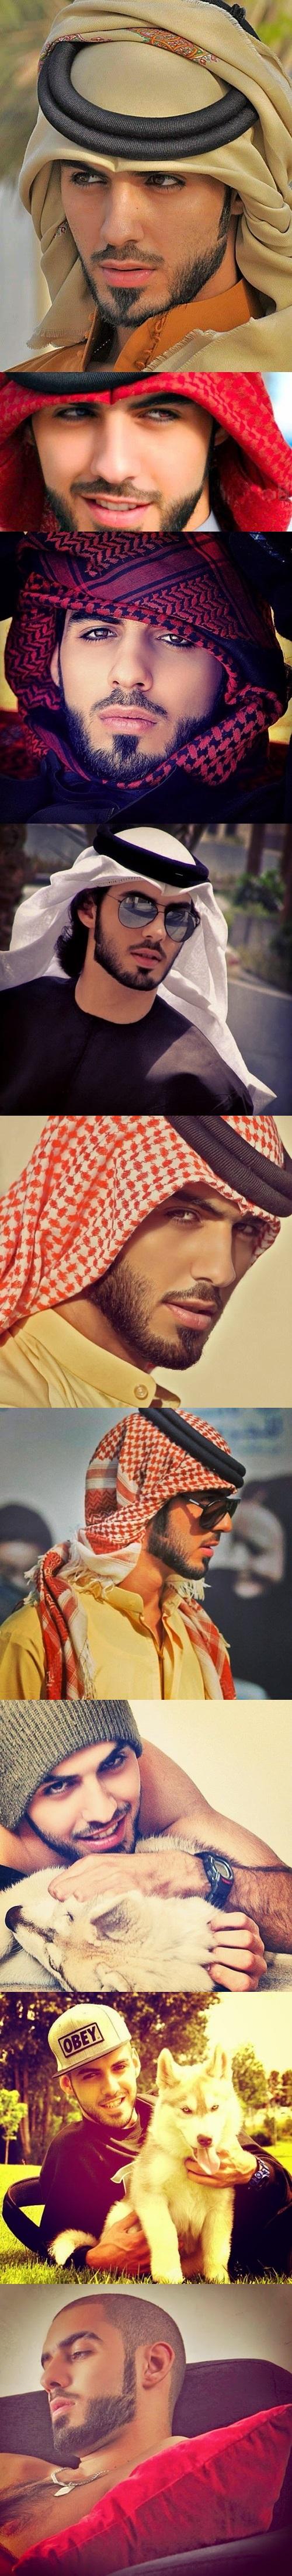 Saudi_ (1).jpg